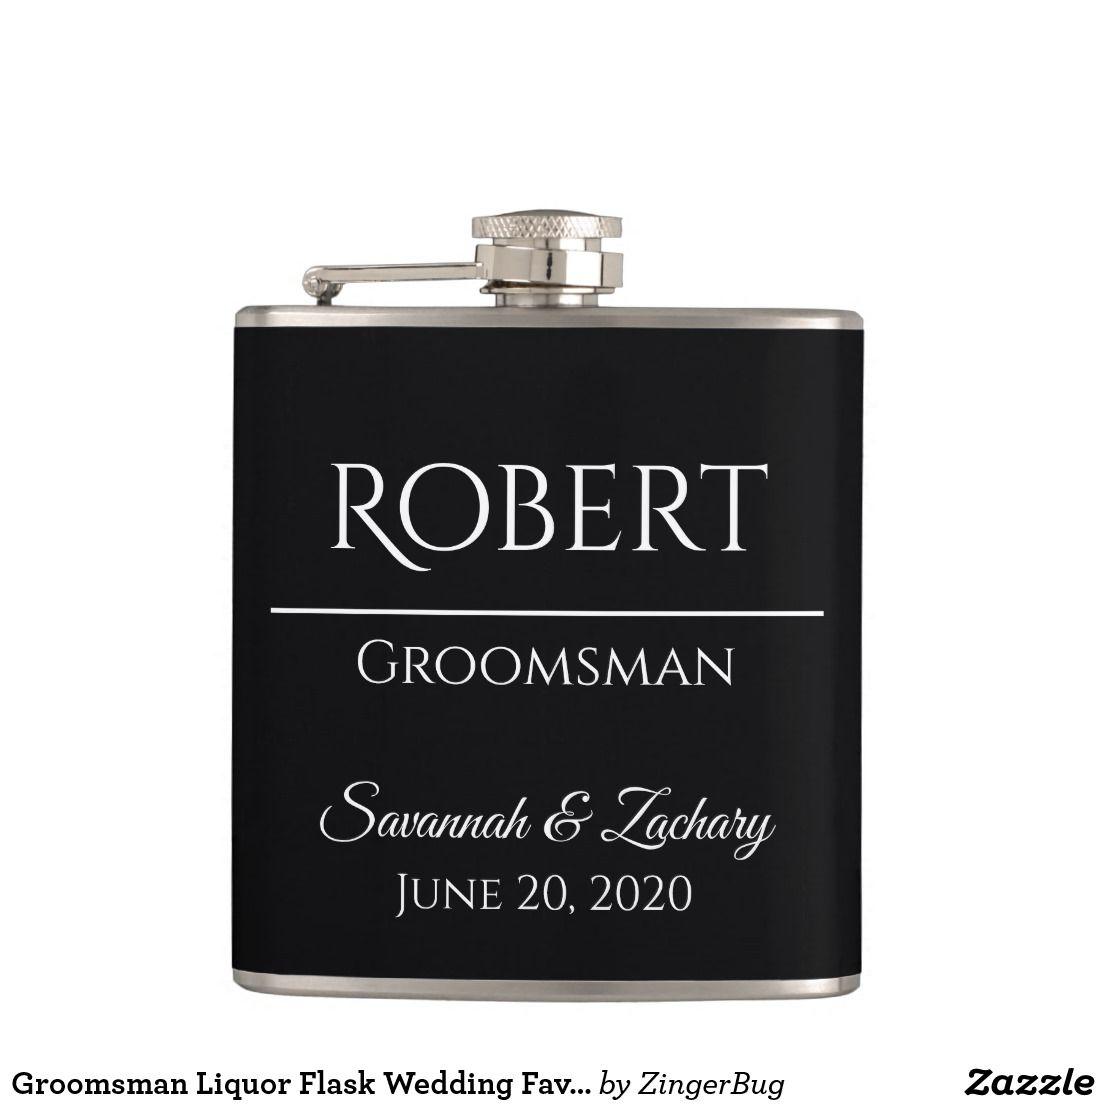 Groomsman liquor flask wedding favor gift